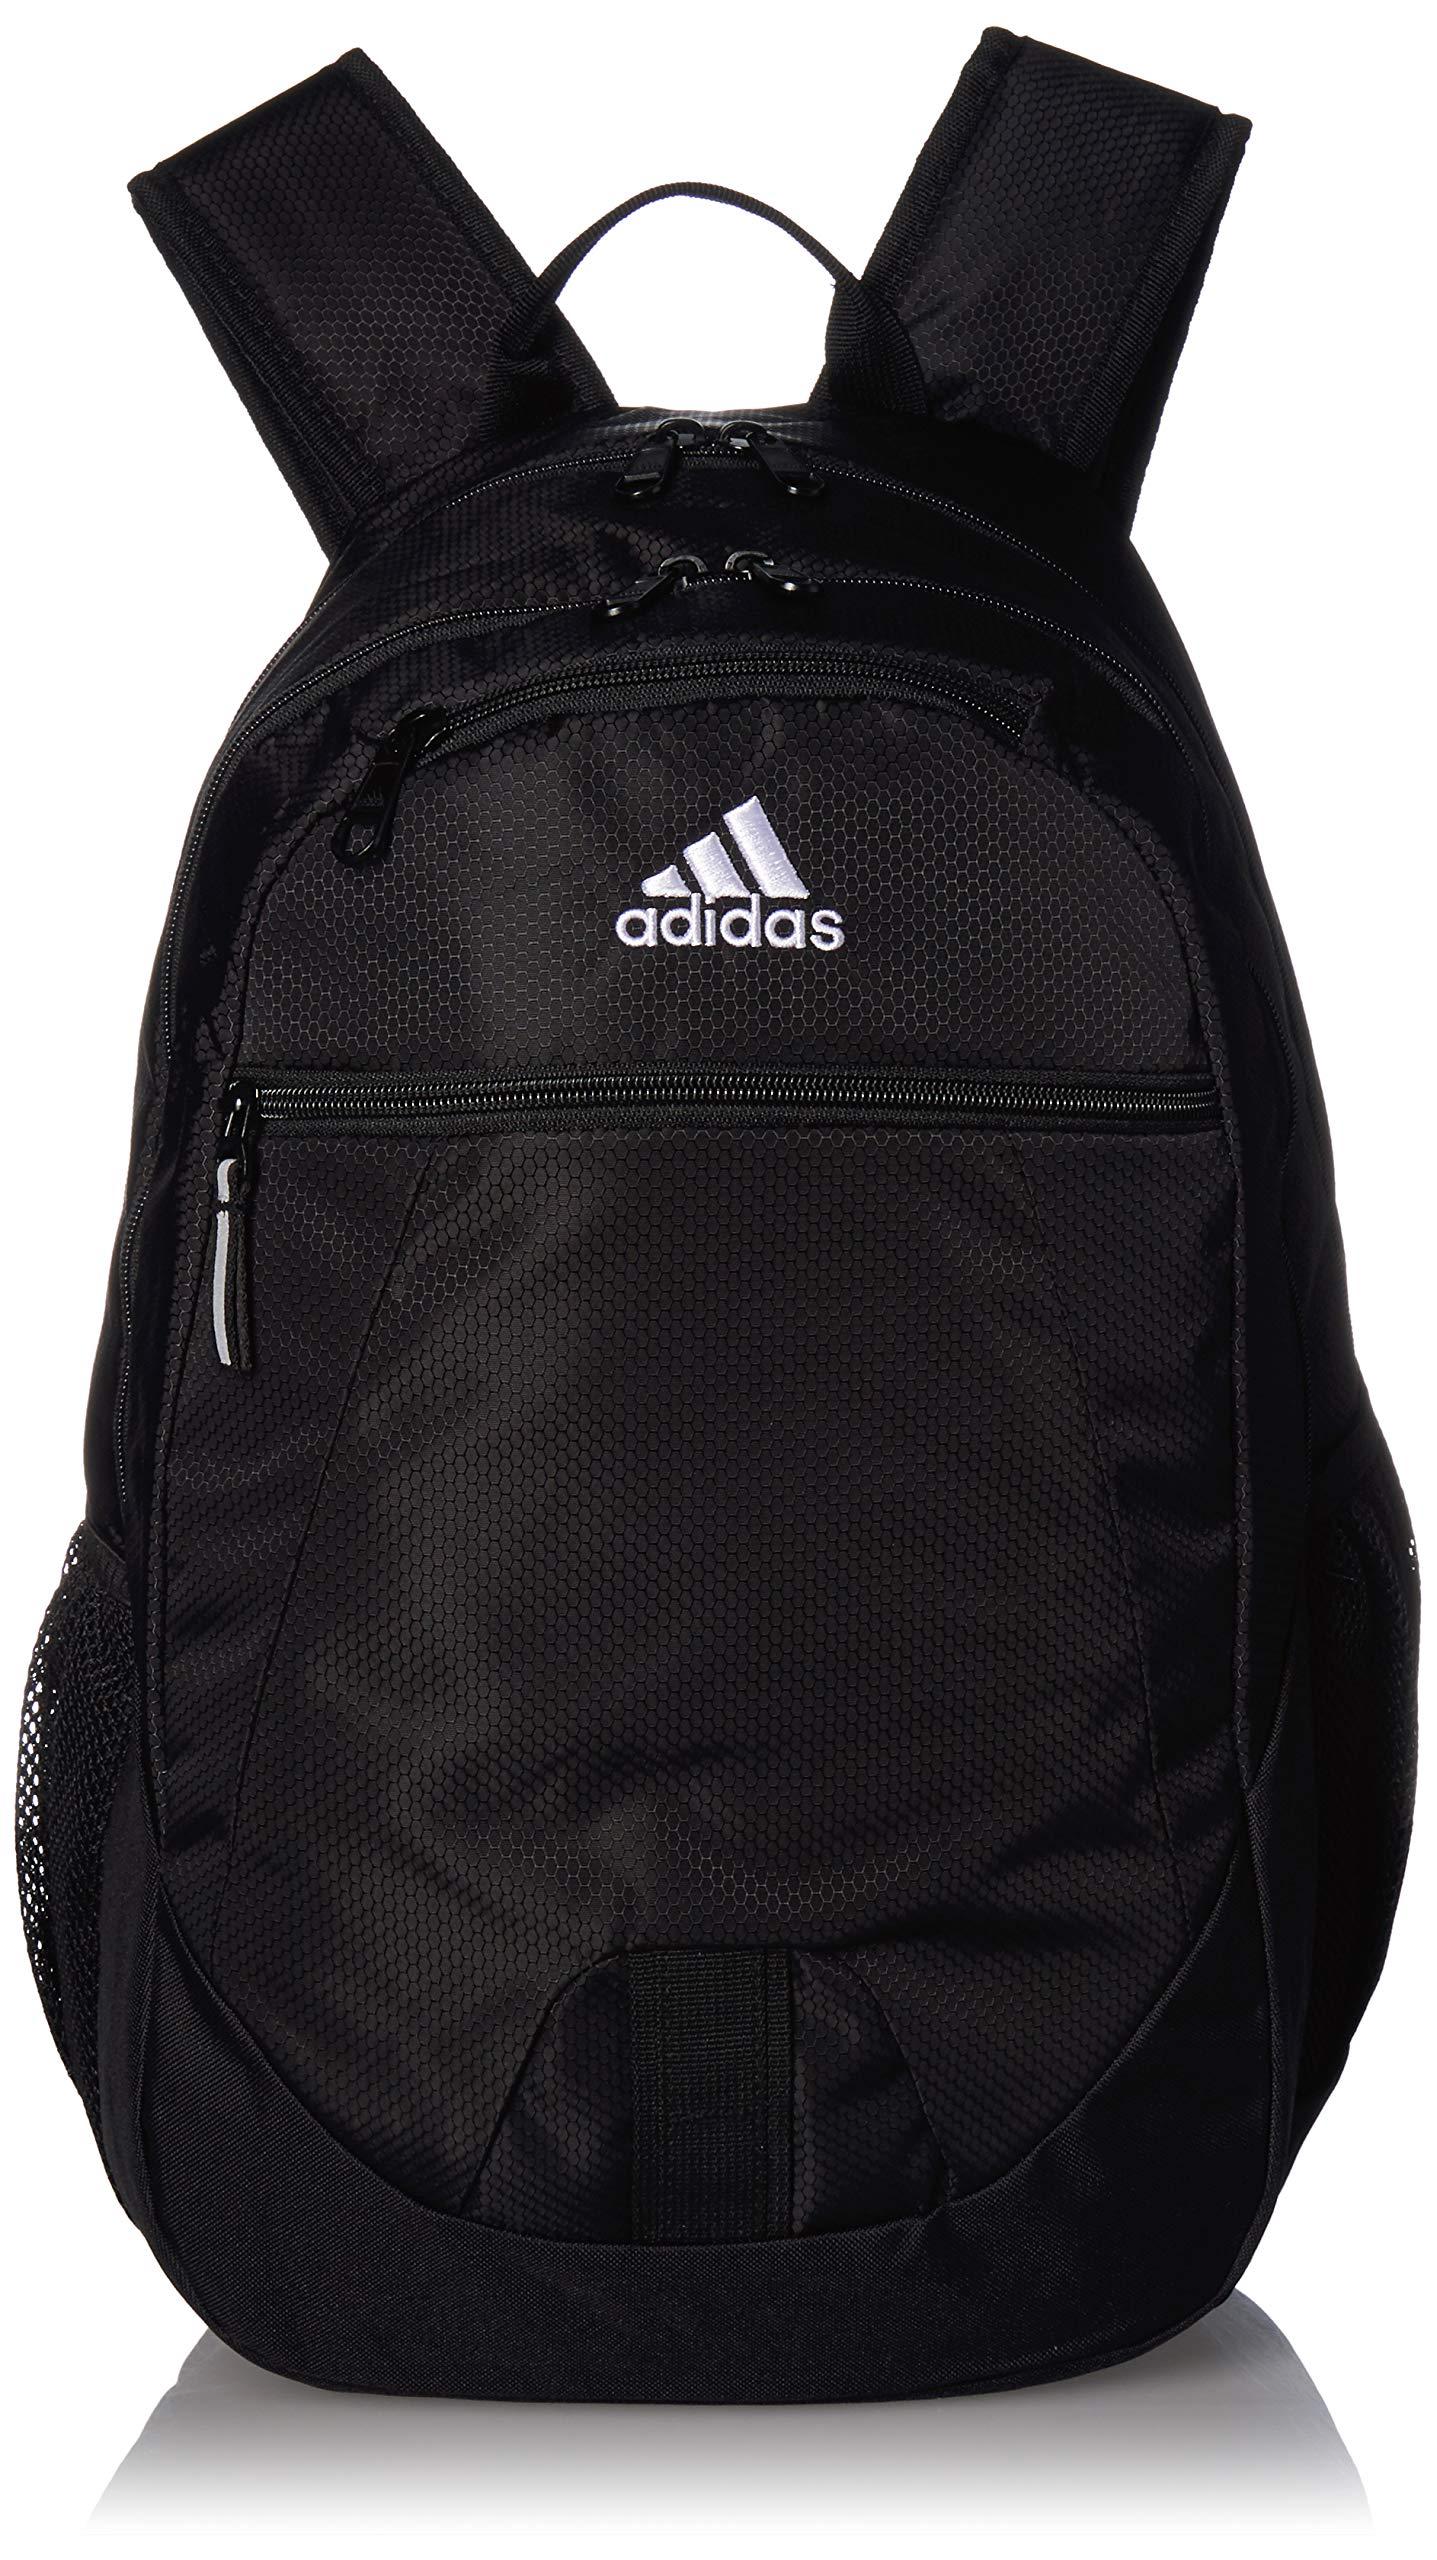 adidas Unisex Foundation Backpack, Black, ONE SIZE by adidas